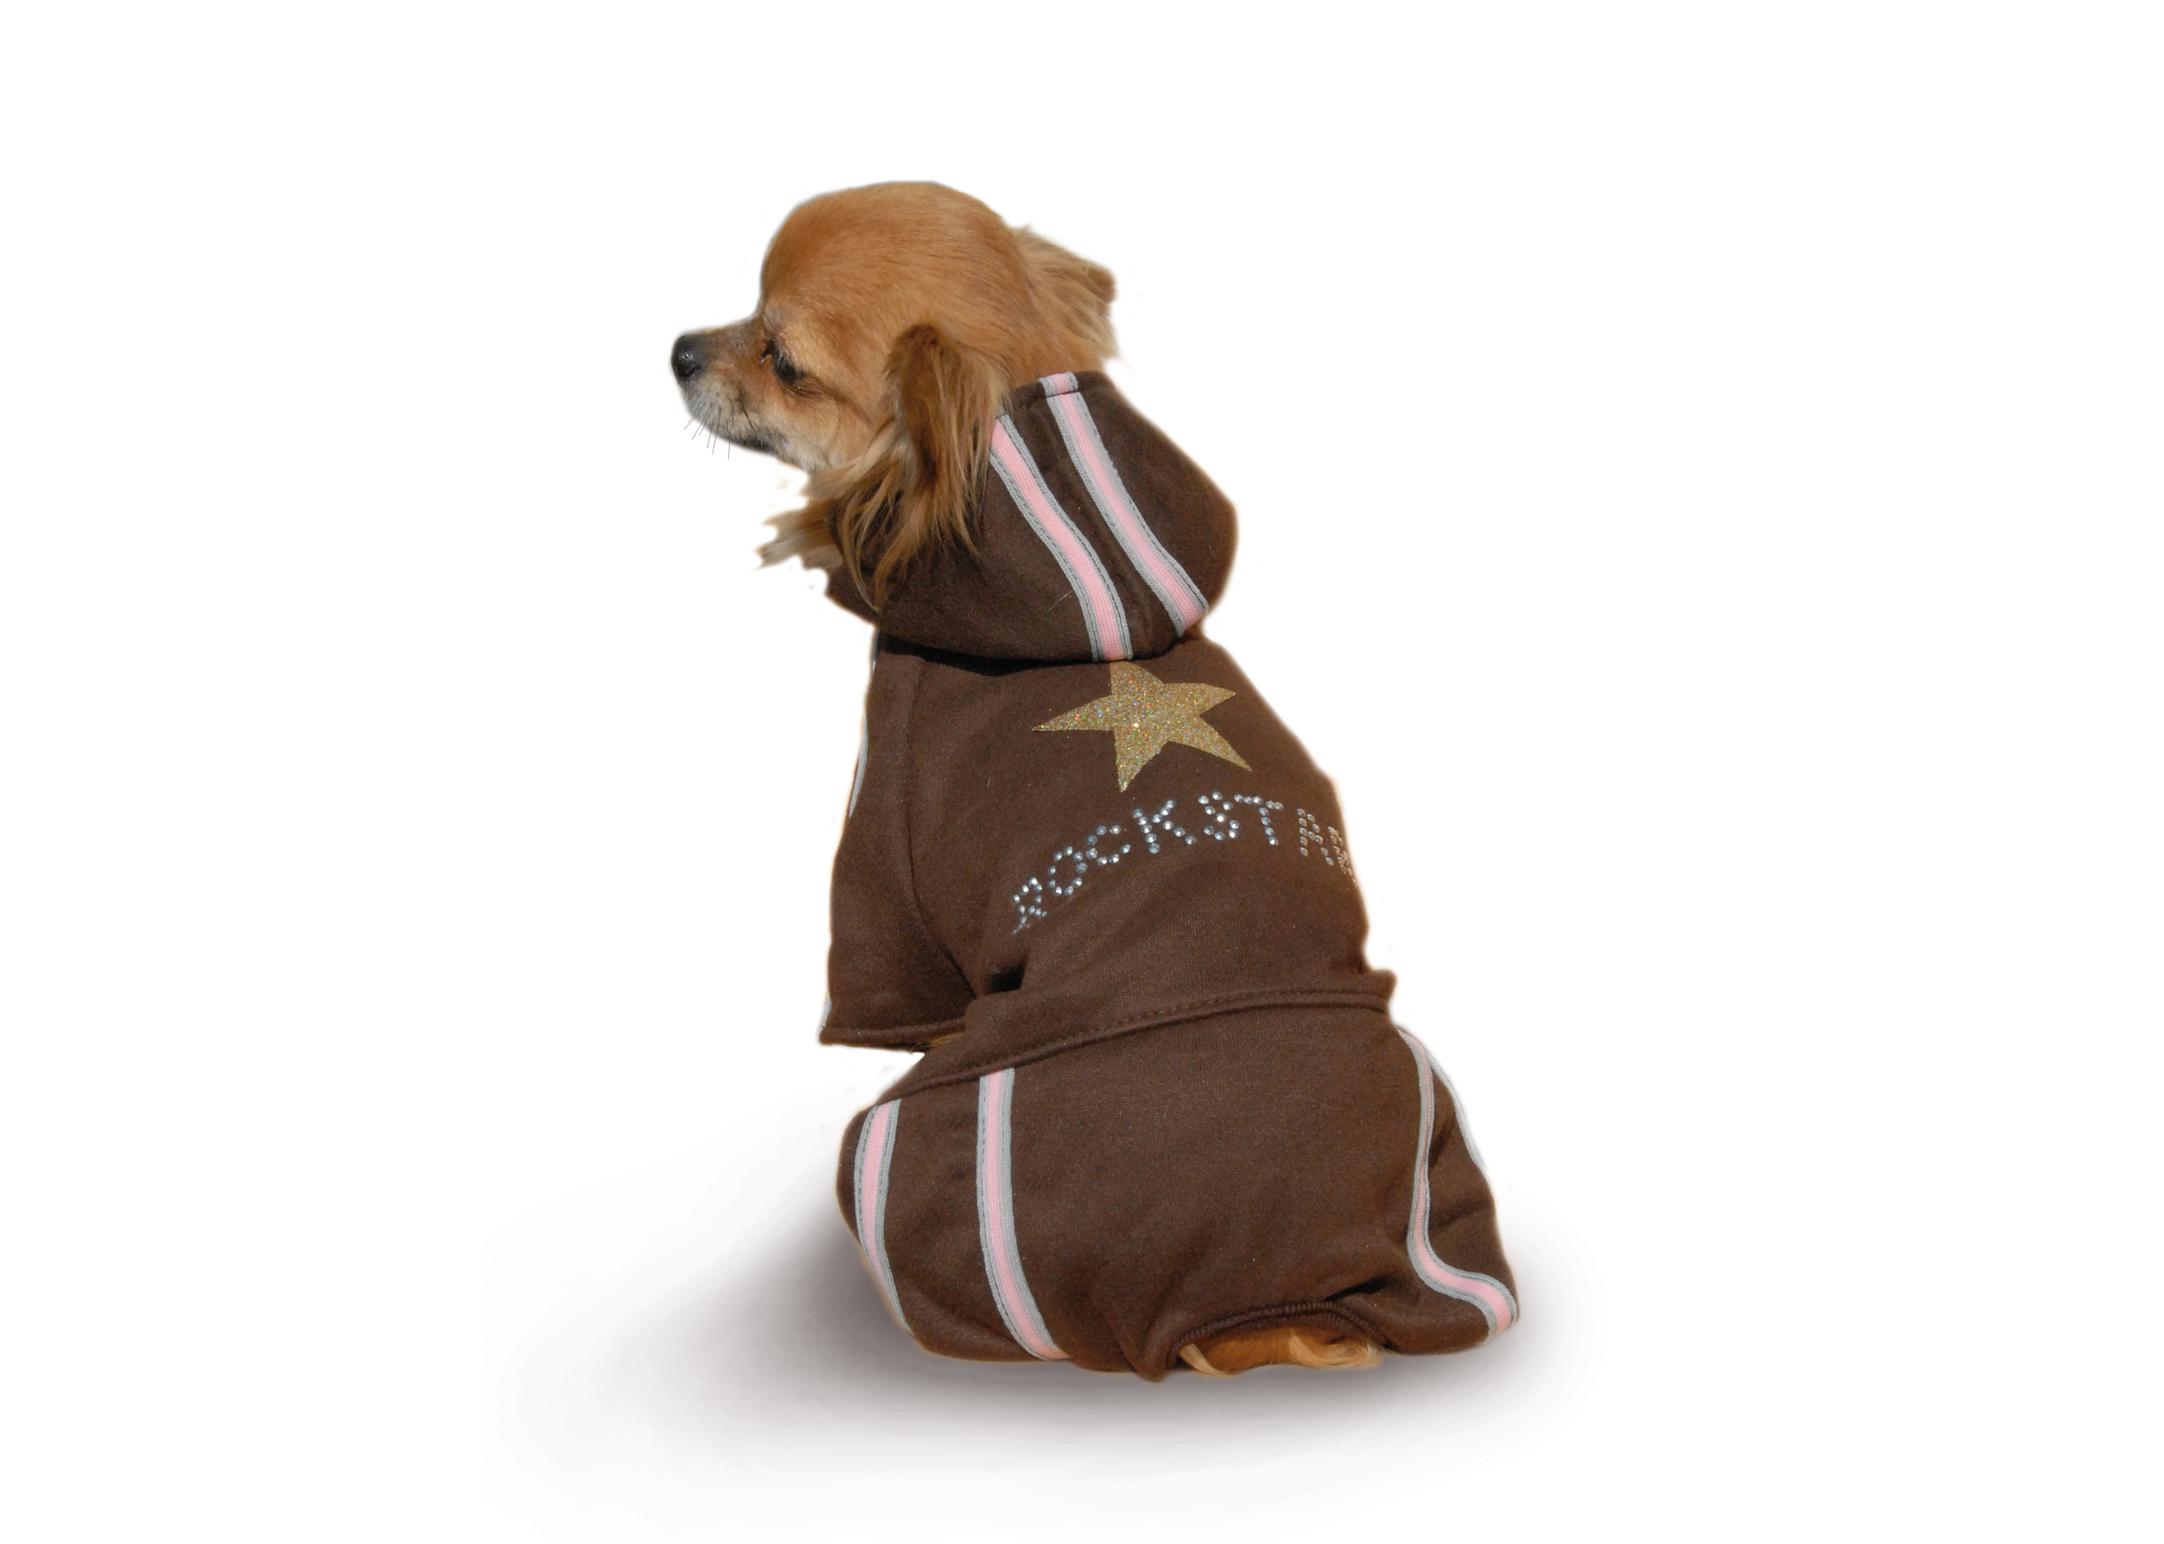 Max+Co Rockstar Overall  Attire For Dogs